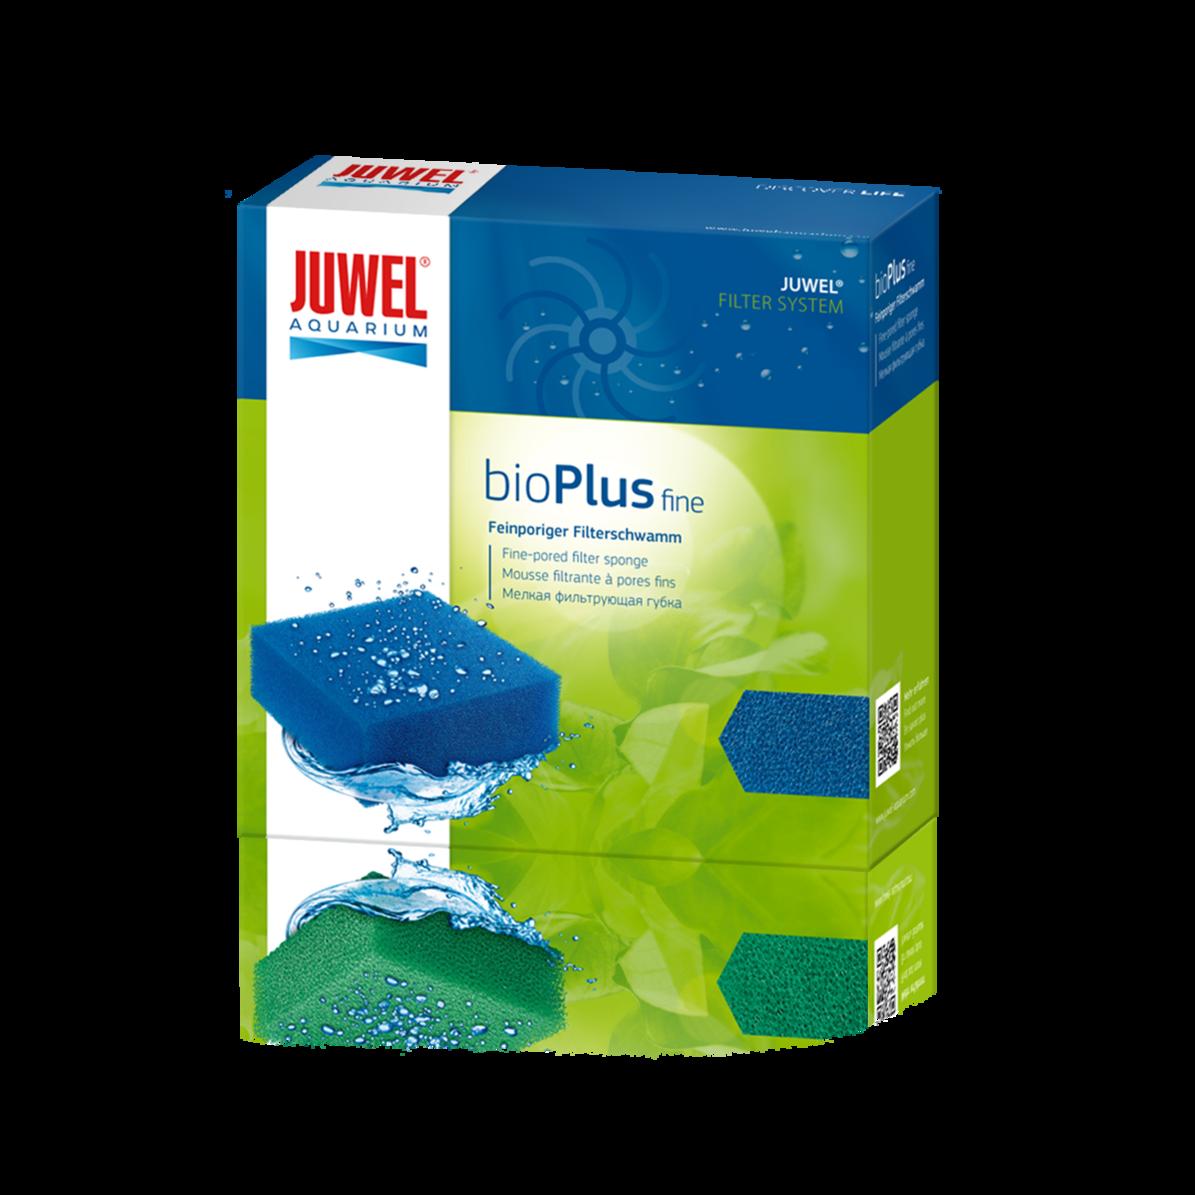 BioPlusfine Spugna filtro fine M JUWEL